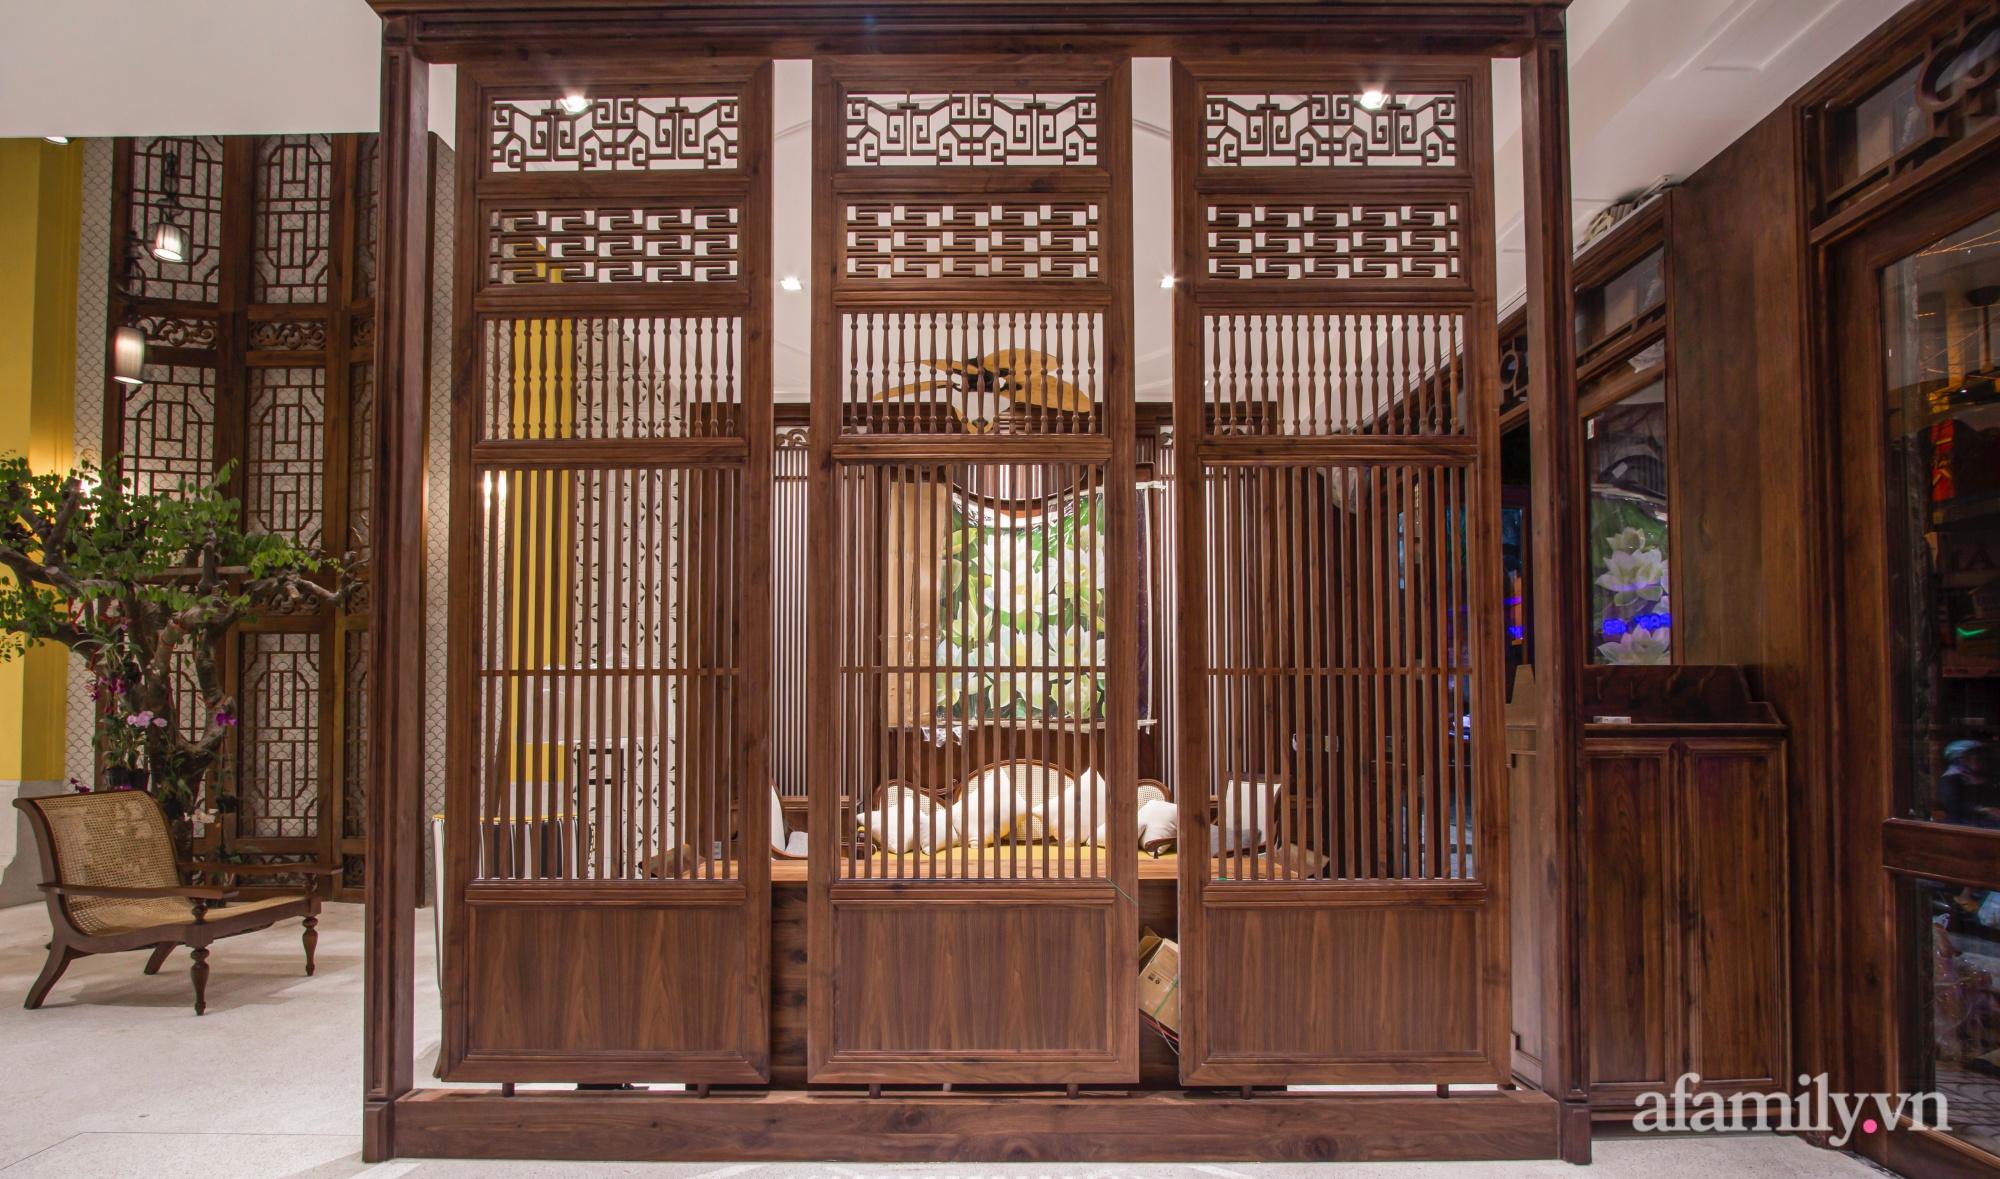 Nhà phố 8x16m đẹp bình yên, tĩnh tại mang hơi hướng của Đạo Phật và phong cách Á Đông ở Buôn Ma Thuột - Ảnh 8.